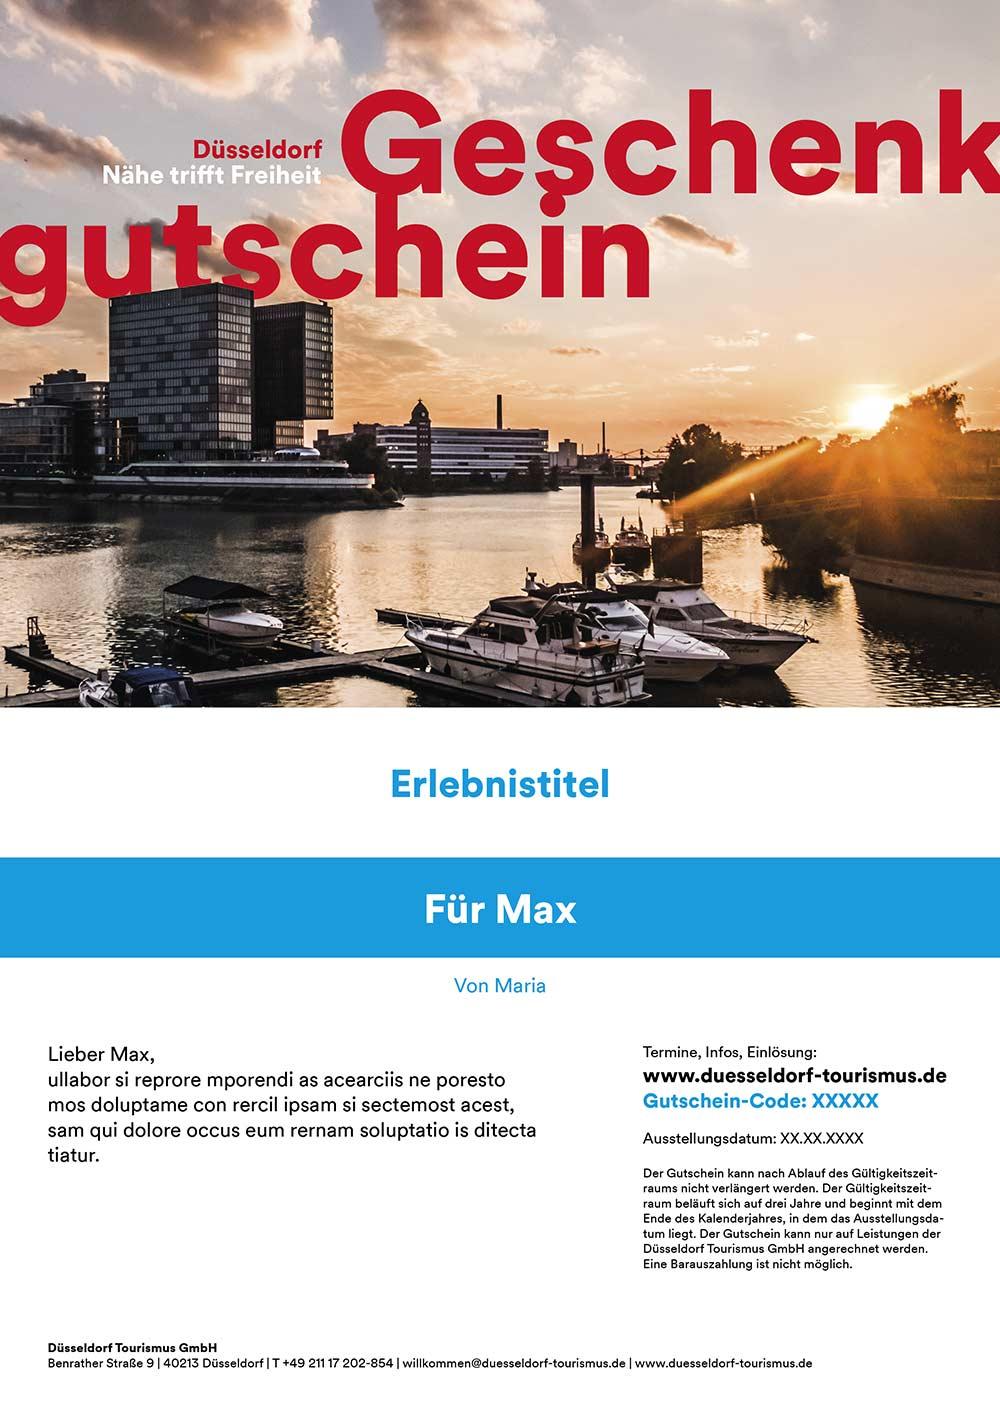 duesseldorf_geschenk-14: Allgemein